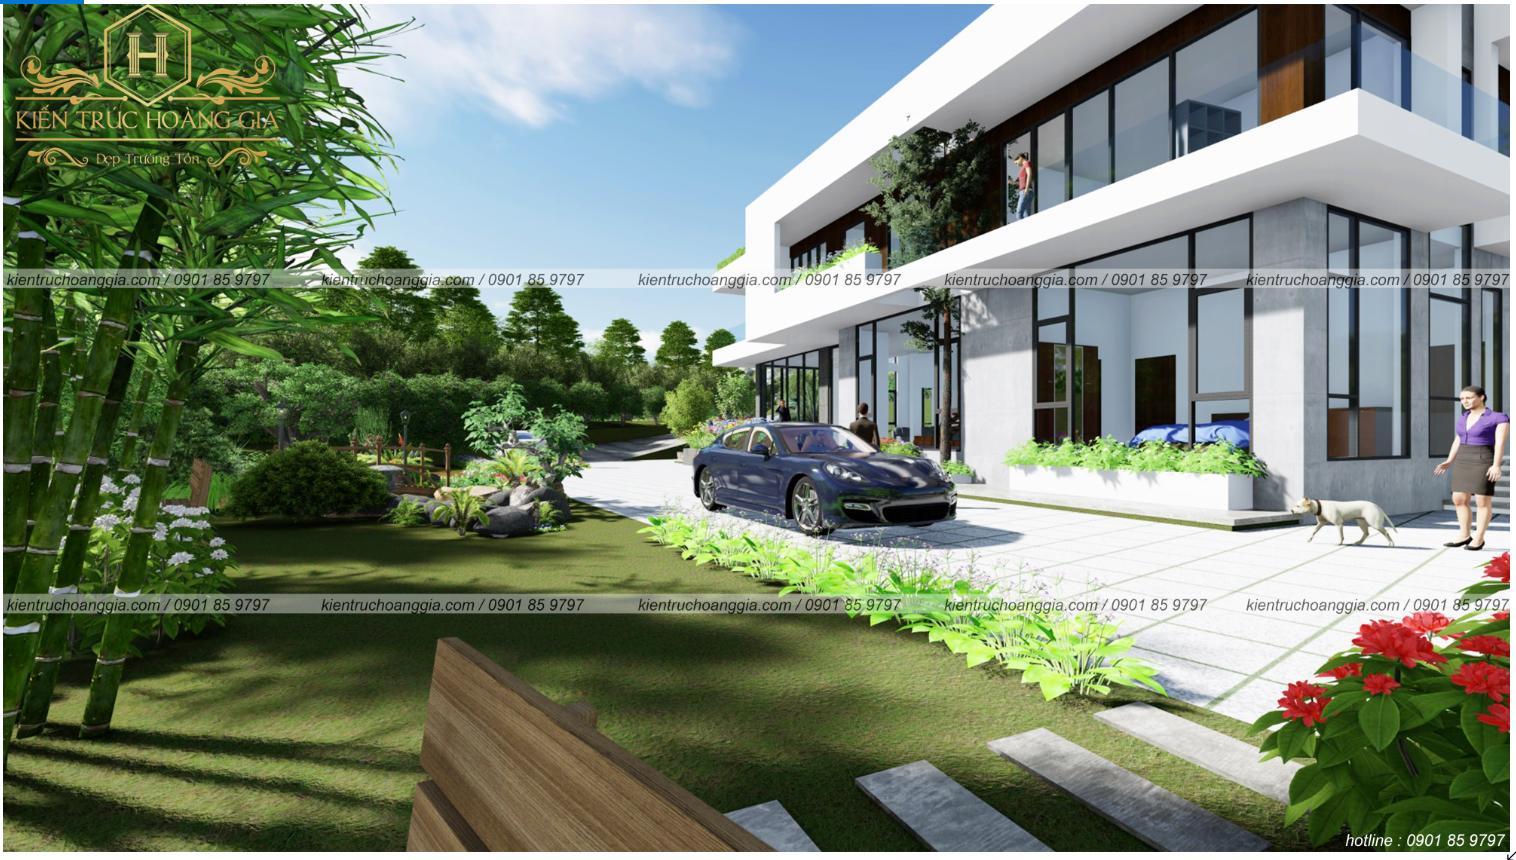 Biệt thự sân vườn ven suối anh Thắng Vũng Tàu